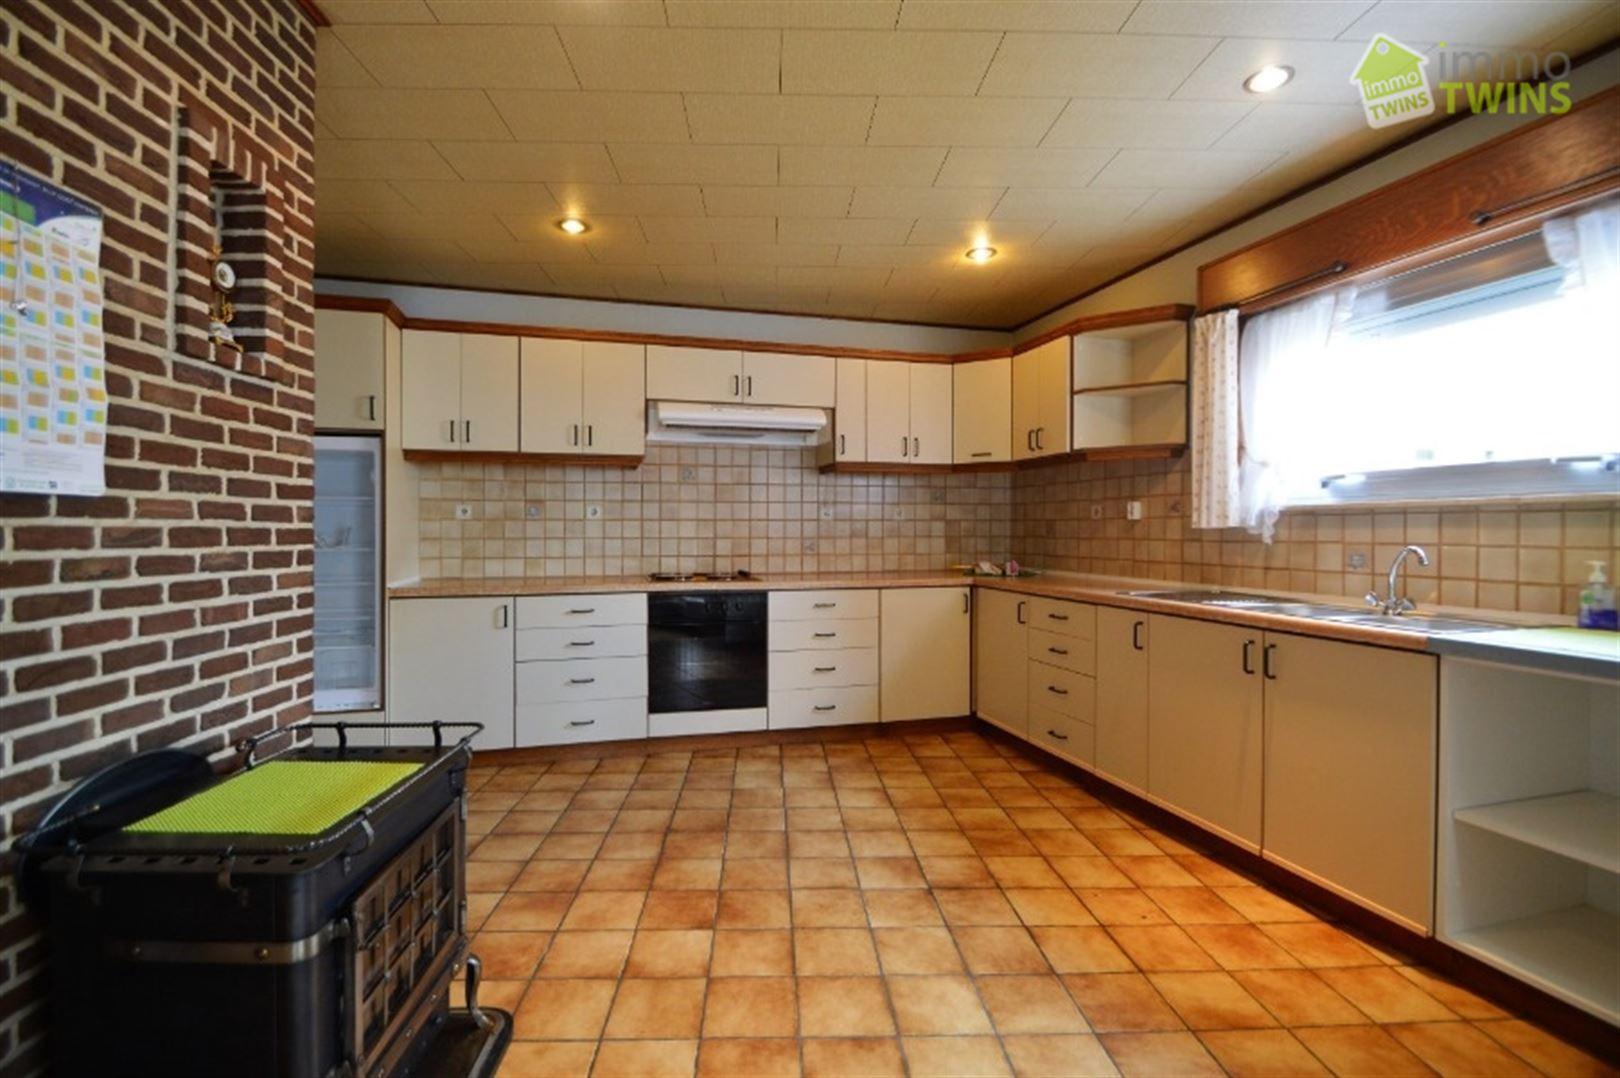 Foto 6 : Appartement te 9200 Oudegem (België) - Prijs € 700